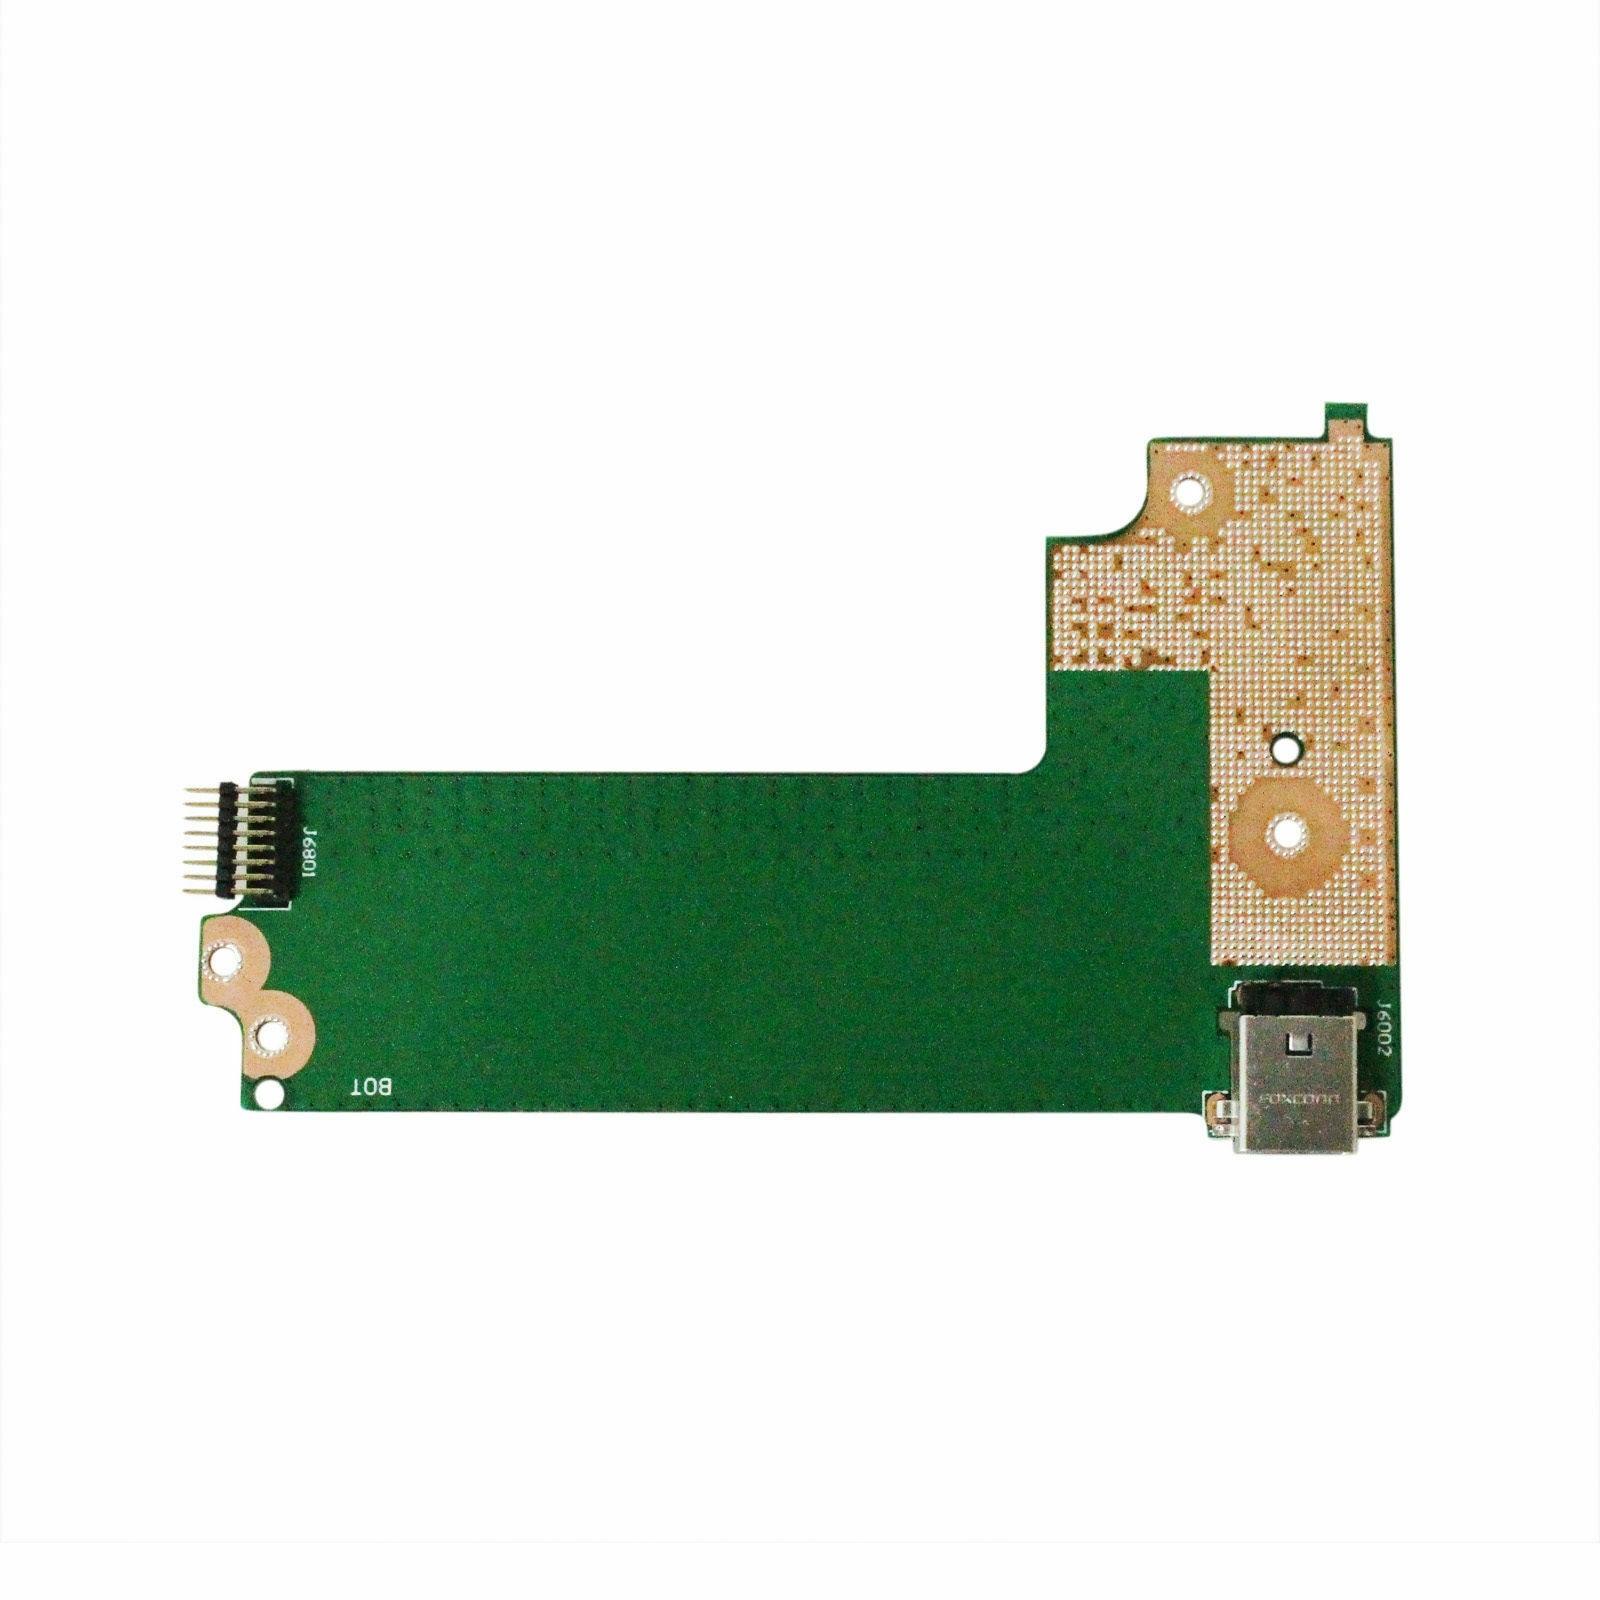 Плата постоянного тока для Asus X75 X75A X75VD F75VD X75VB X75VC R704VC X75VD DC разъем питания| |   | АлиЭкспресс